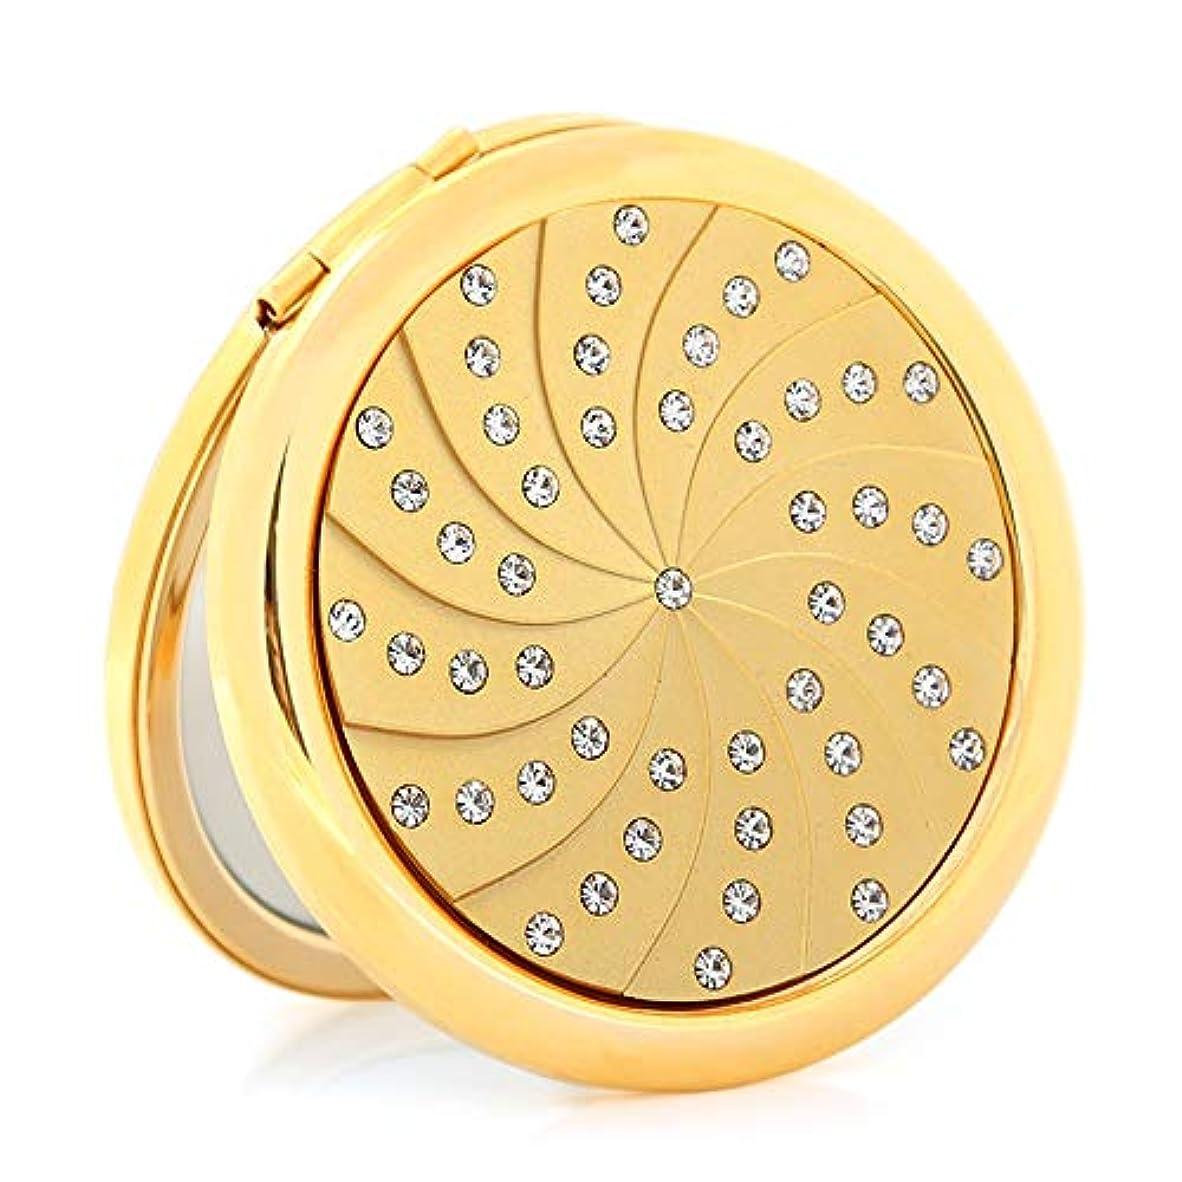 バラ色タールフランクワースリー流行の 金メッキダイヤモンド小さなミラーポータブル折りたたみ両面ポータブルミラーパーソナライズされた誕生日プレゼント